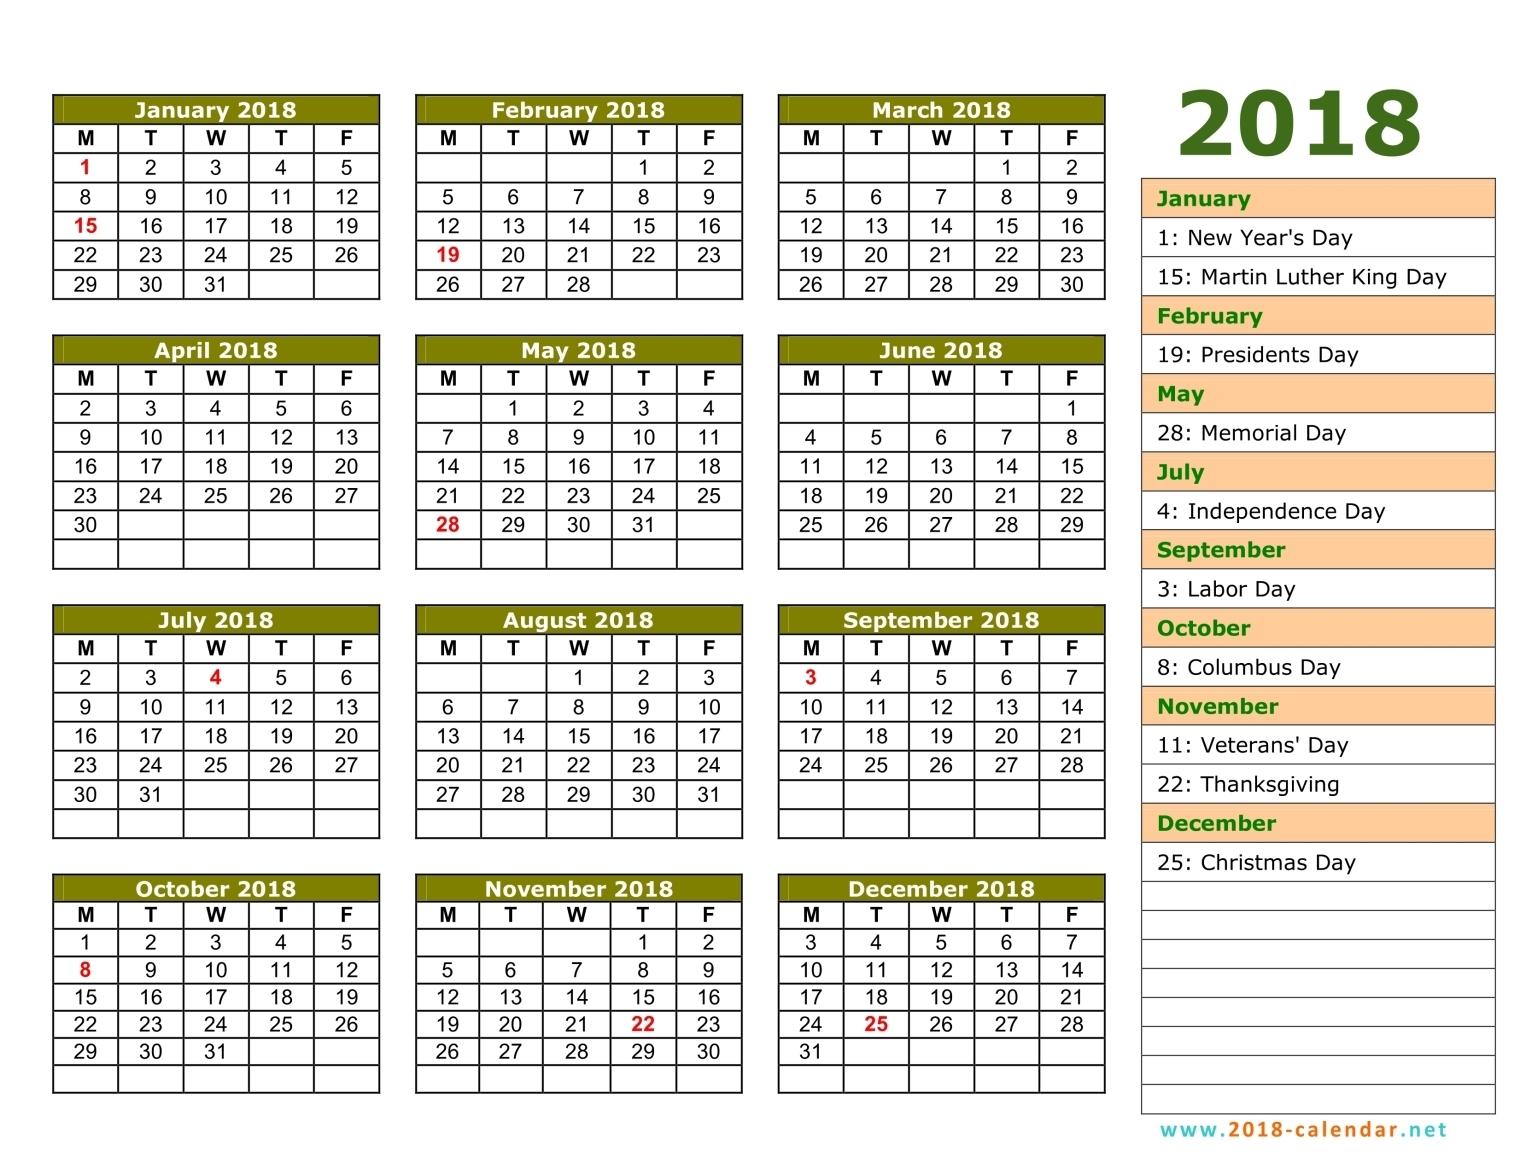 2015 and 2018 calendar printable